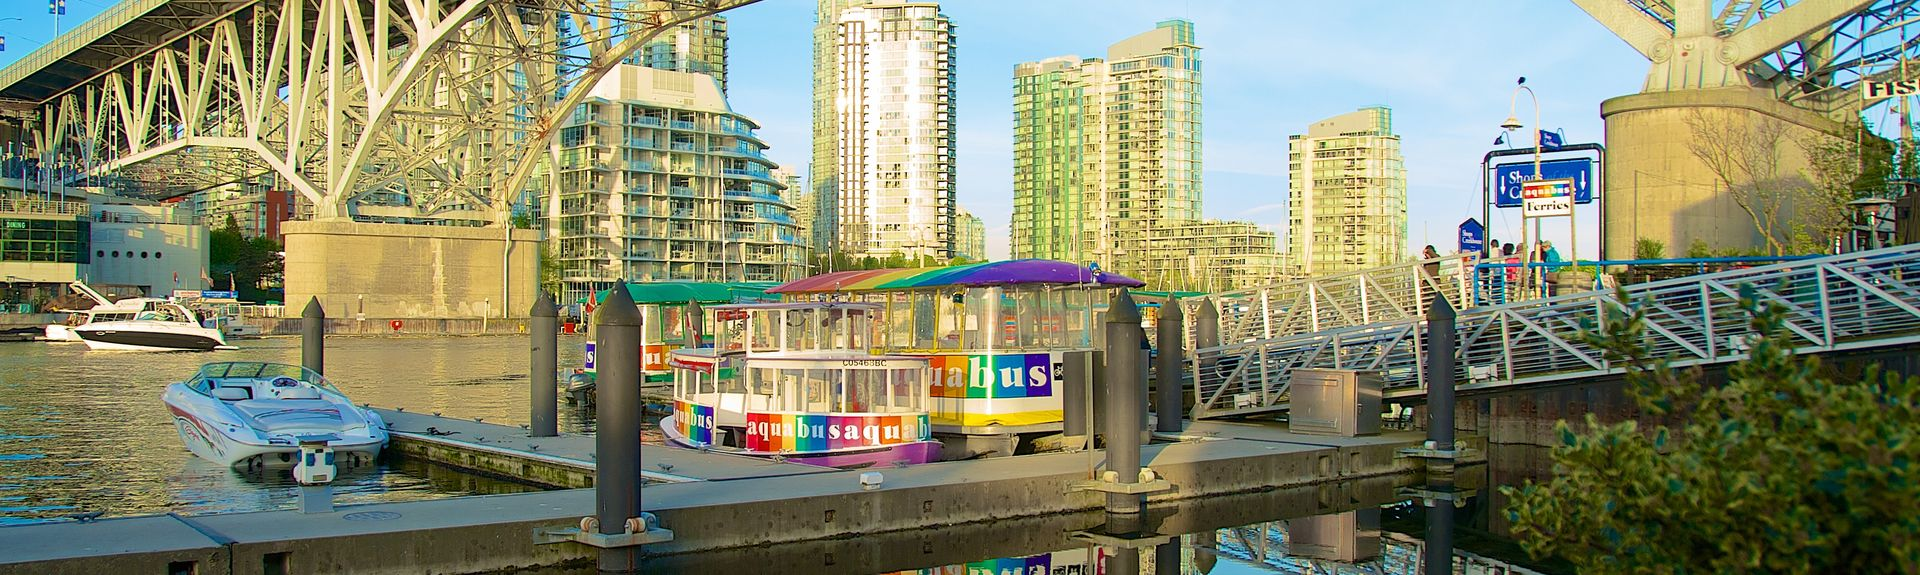 South Cambie, Vancouver, Britisch-Kolumbien, CA